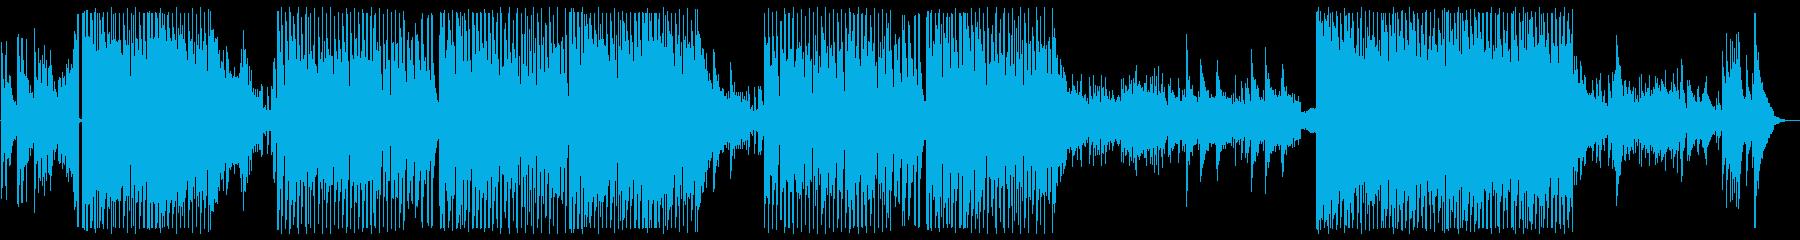 カロ・ミオ・ベン POP remixの再生済みの波形